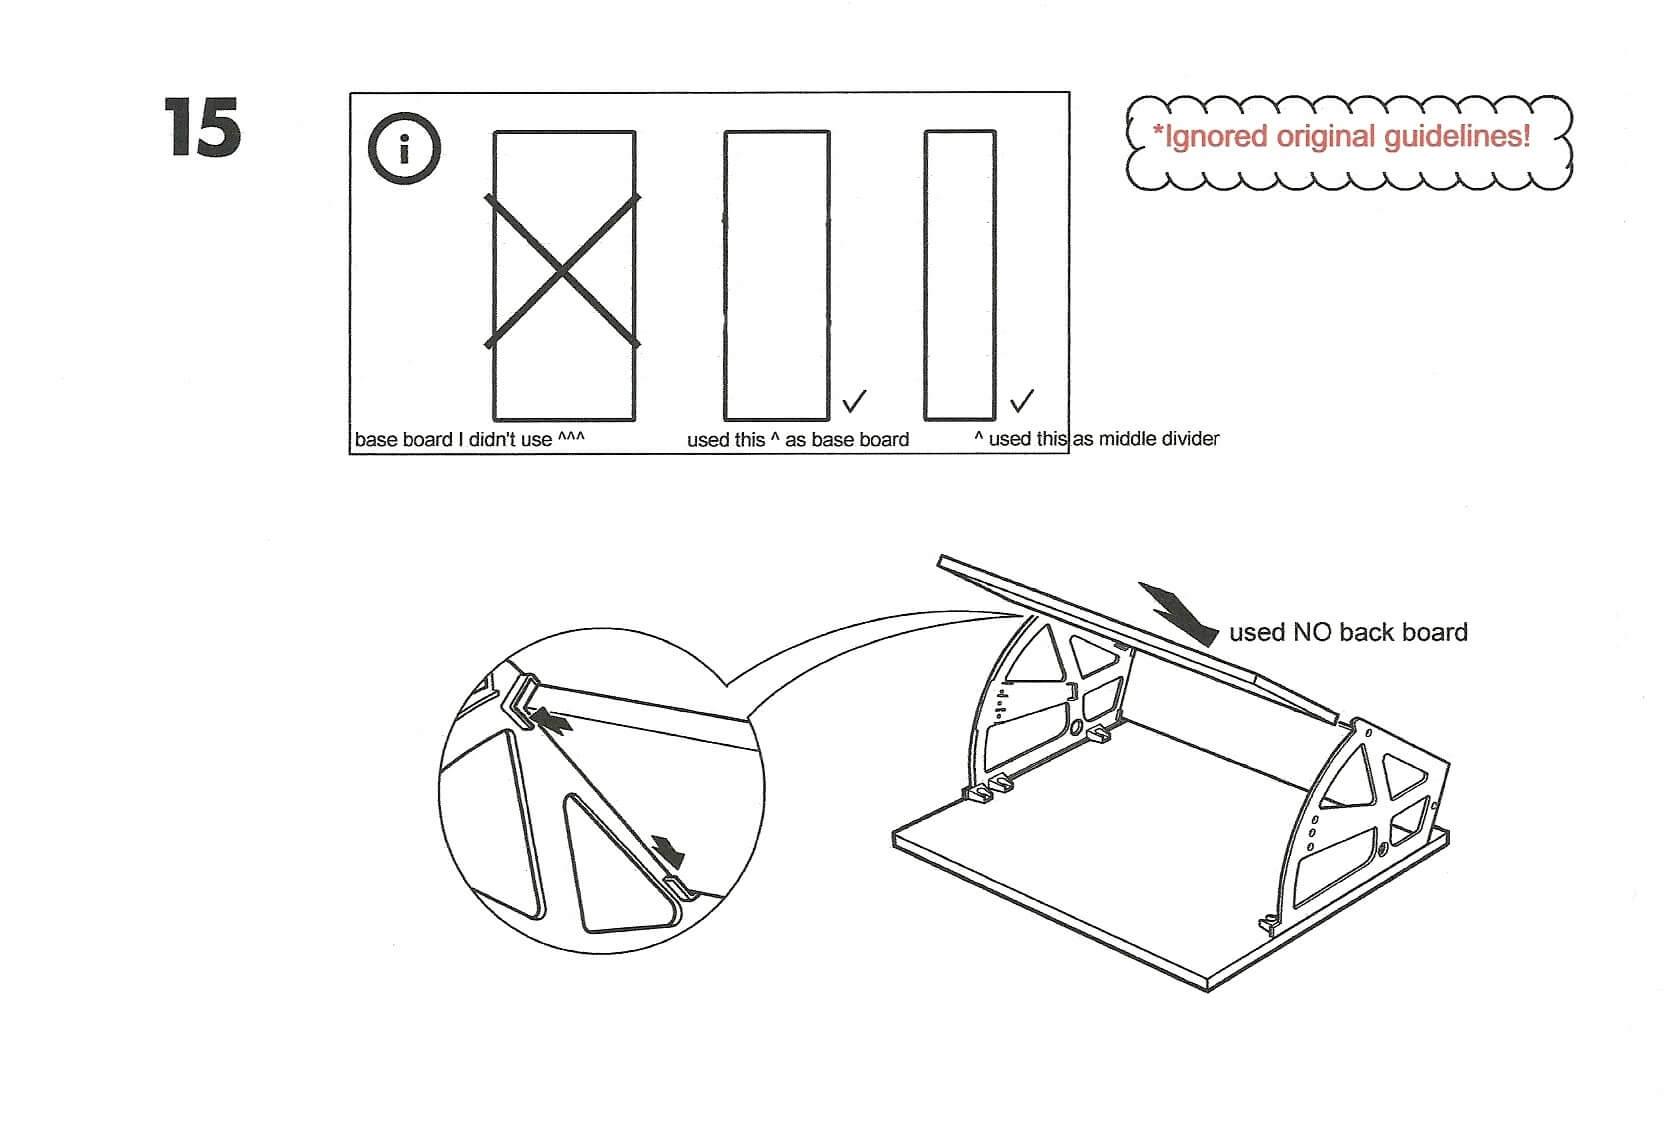 Ikea Bissa Hack by KBtP (3)